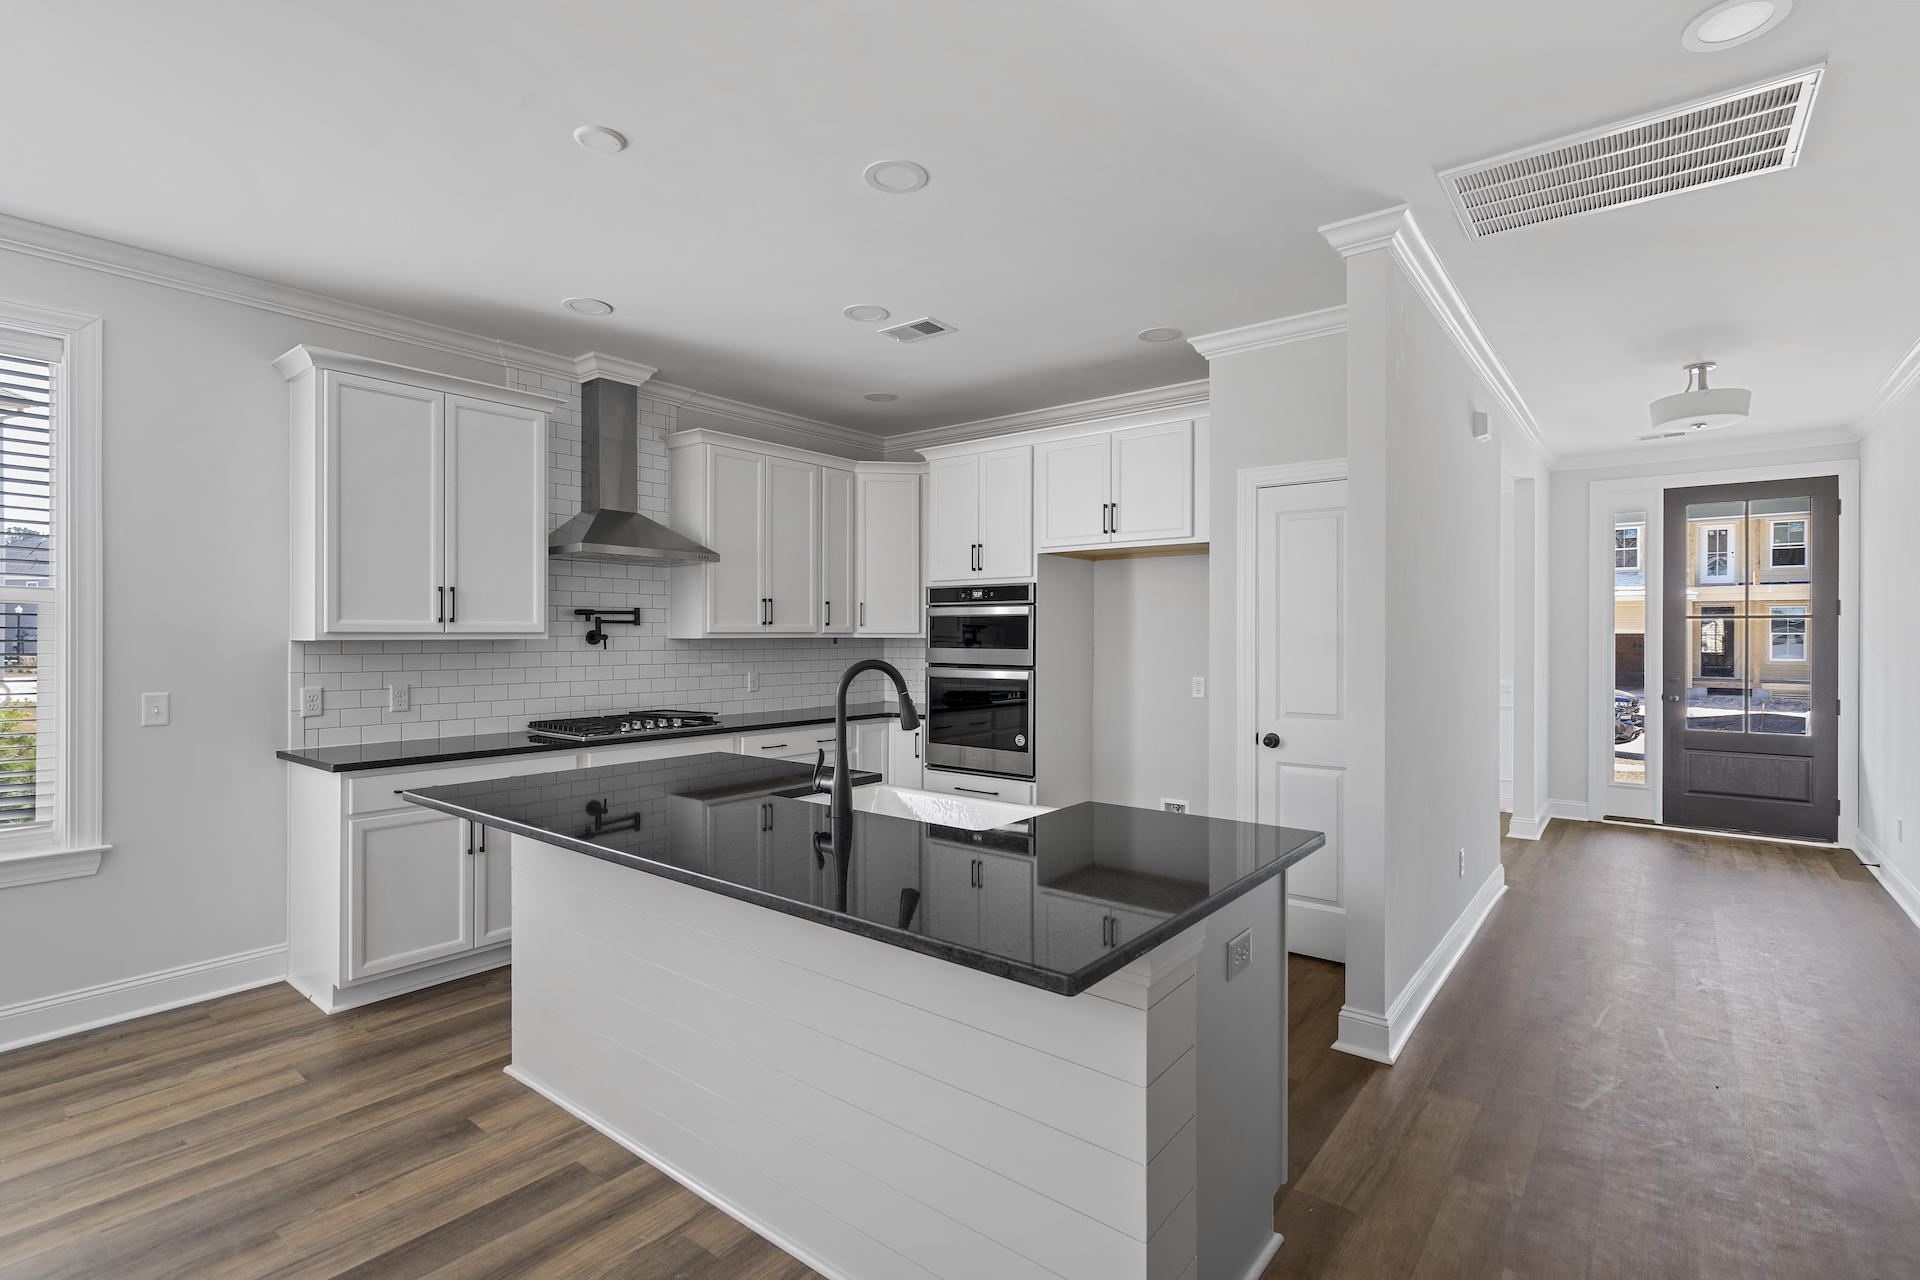 Park West Homes For Sale - 1504 Hopkins, Mount Pleasant, SC - 15